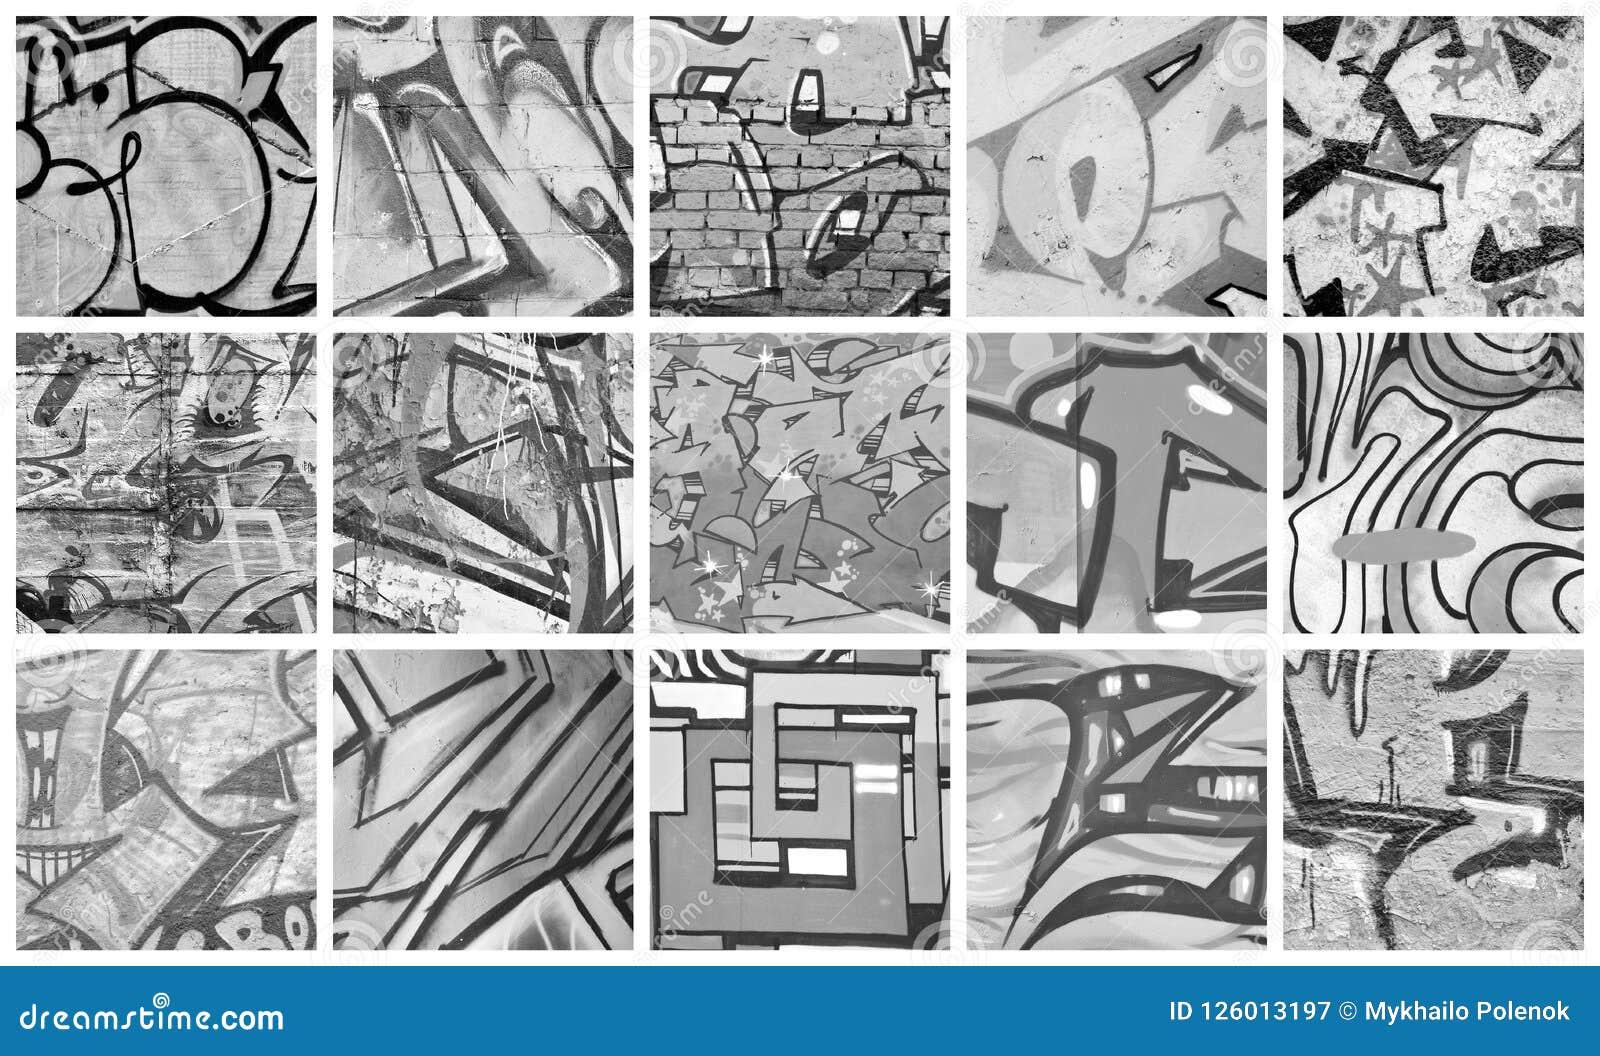 A set of many small fragments of tagged walls graffiti vandalis